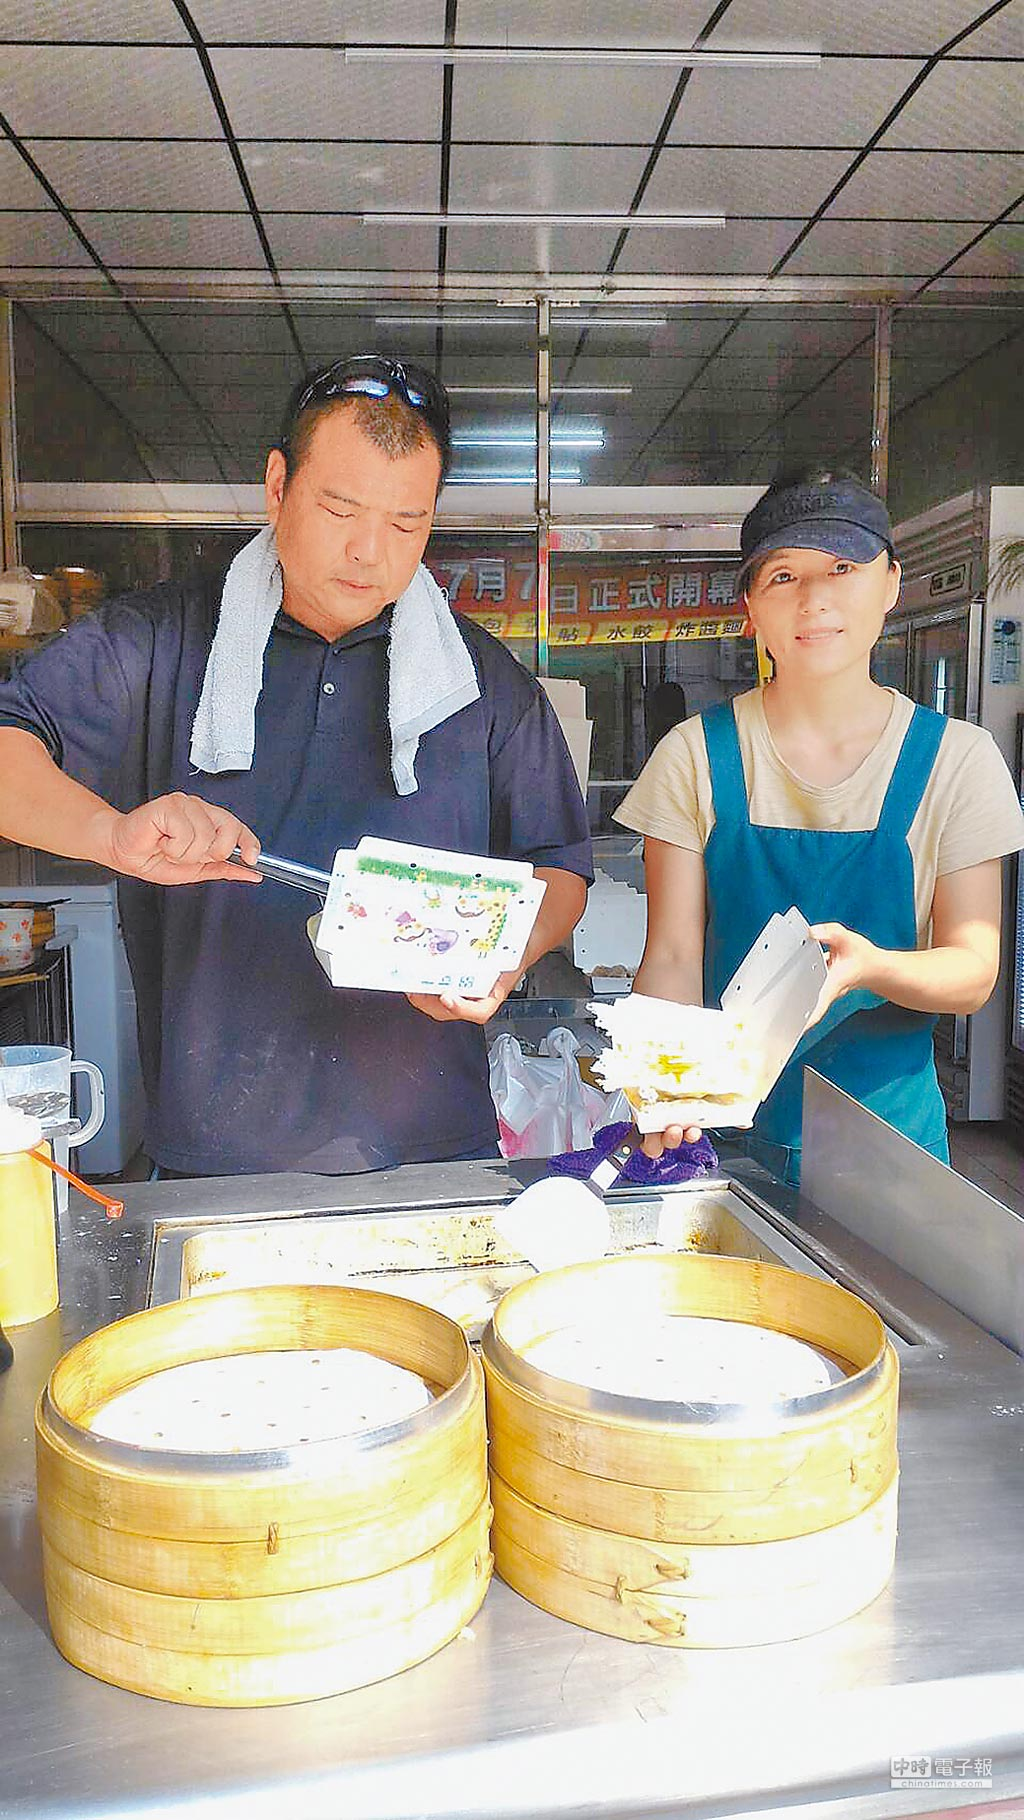 遼寧妹子趙春梅的巧手,可創作軟陶,也能捏出鍋貼水餃,維持生活家計。(特約記者林春元攝)